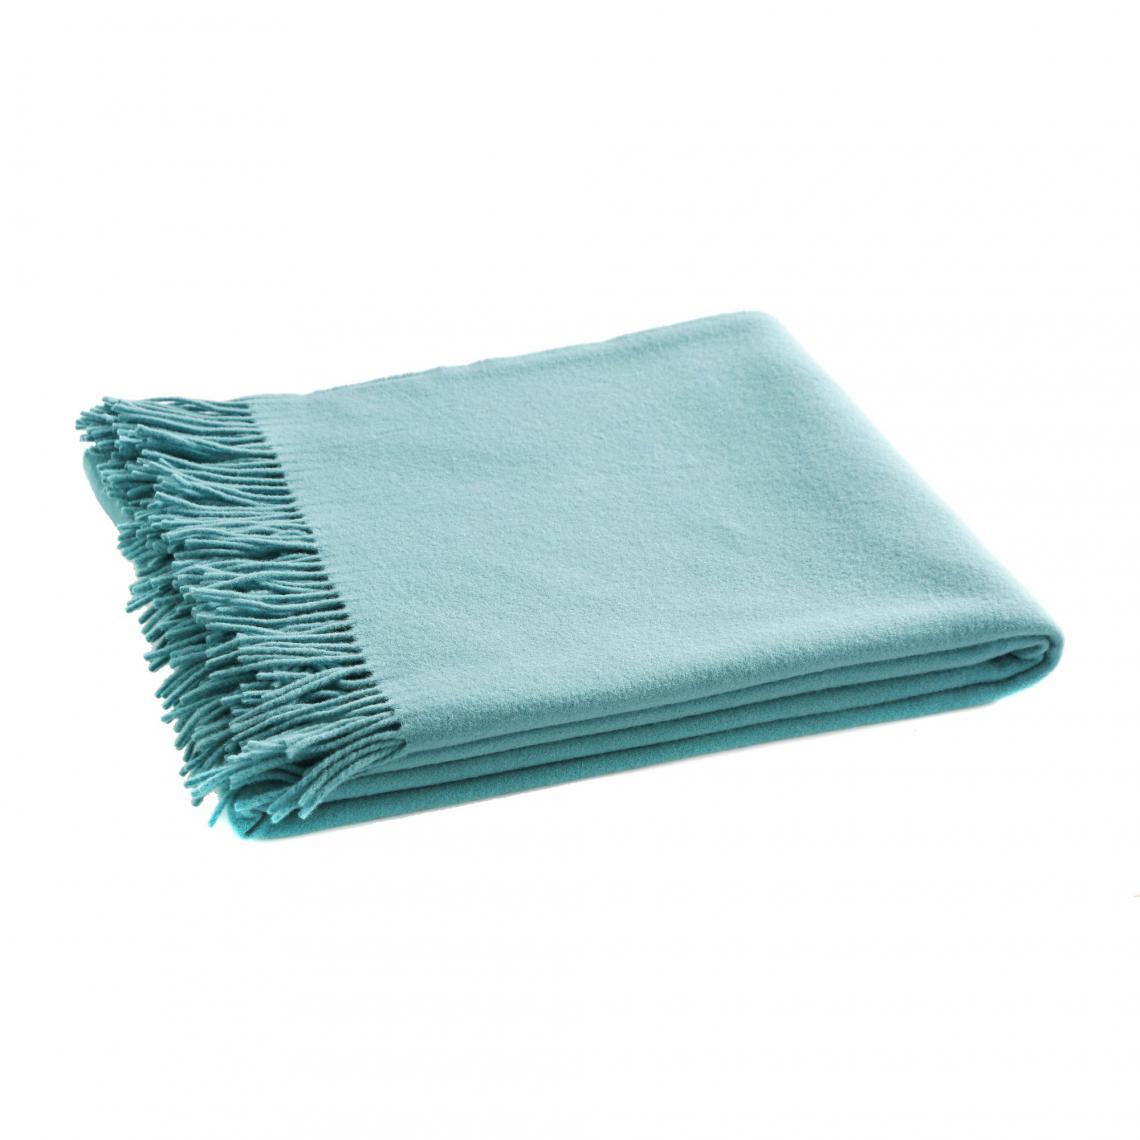 4a0de073f4a0 Plaids laine Blanc des Vosges Cliquez l image pour l agrandir. Plaid uni  Cuba en pure laine vierge Mérinos ...